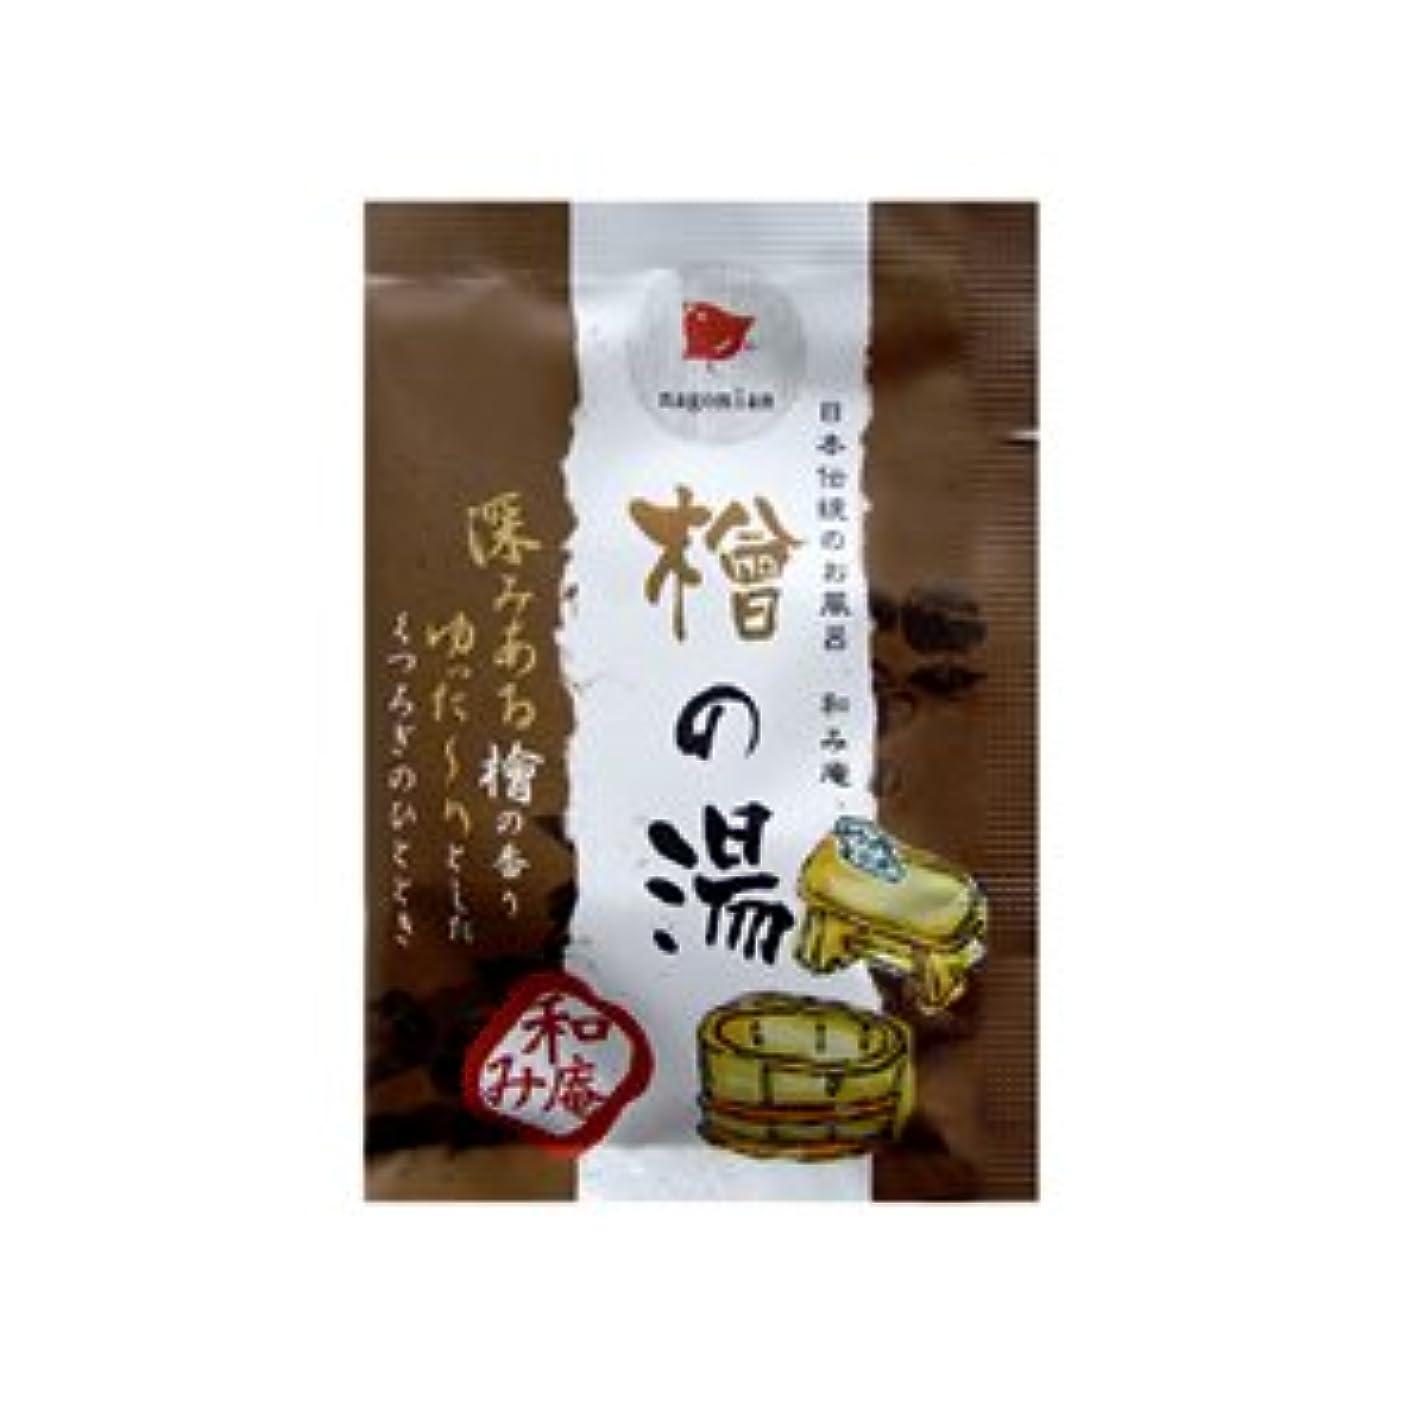 爬虫類右プロポーショナル日本伝統のお風呂 和み庵 檜の湯 25g 5個セット